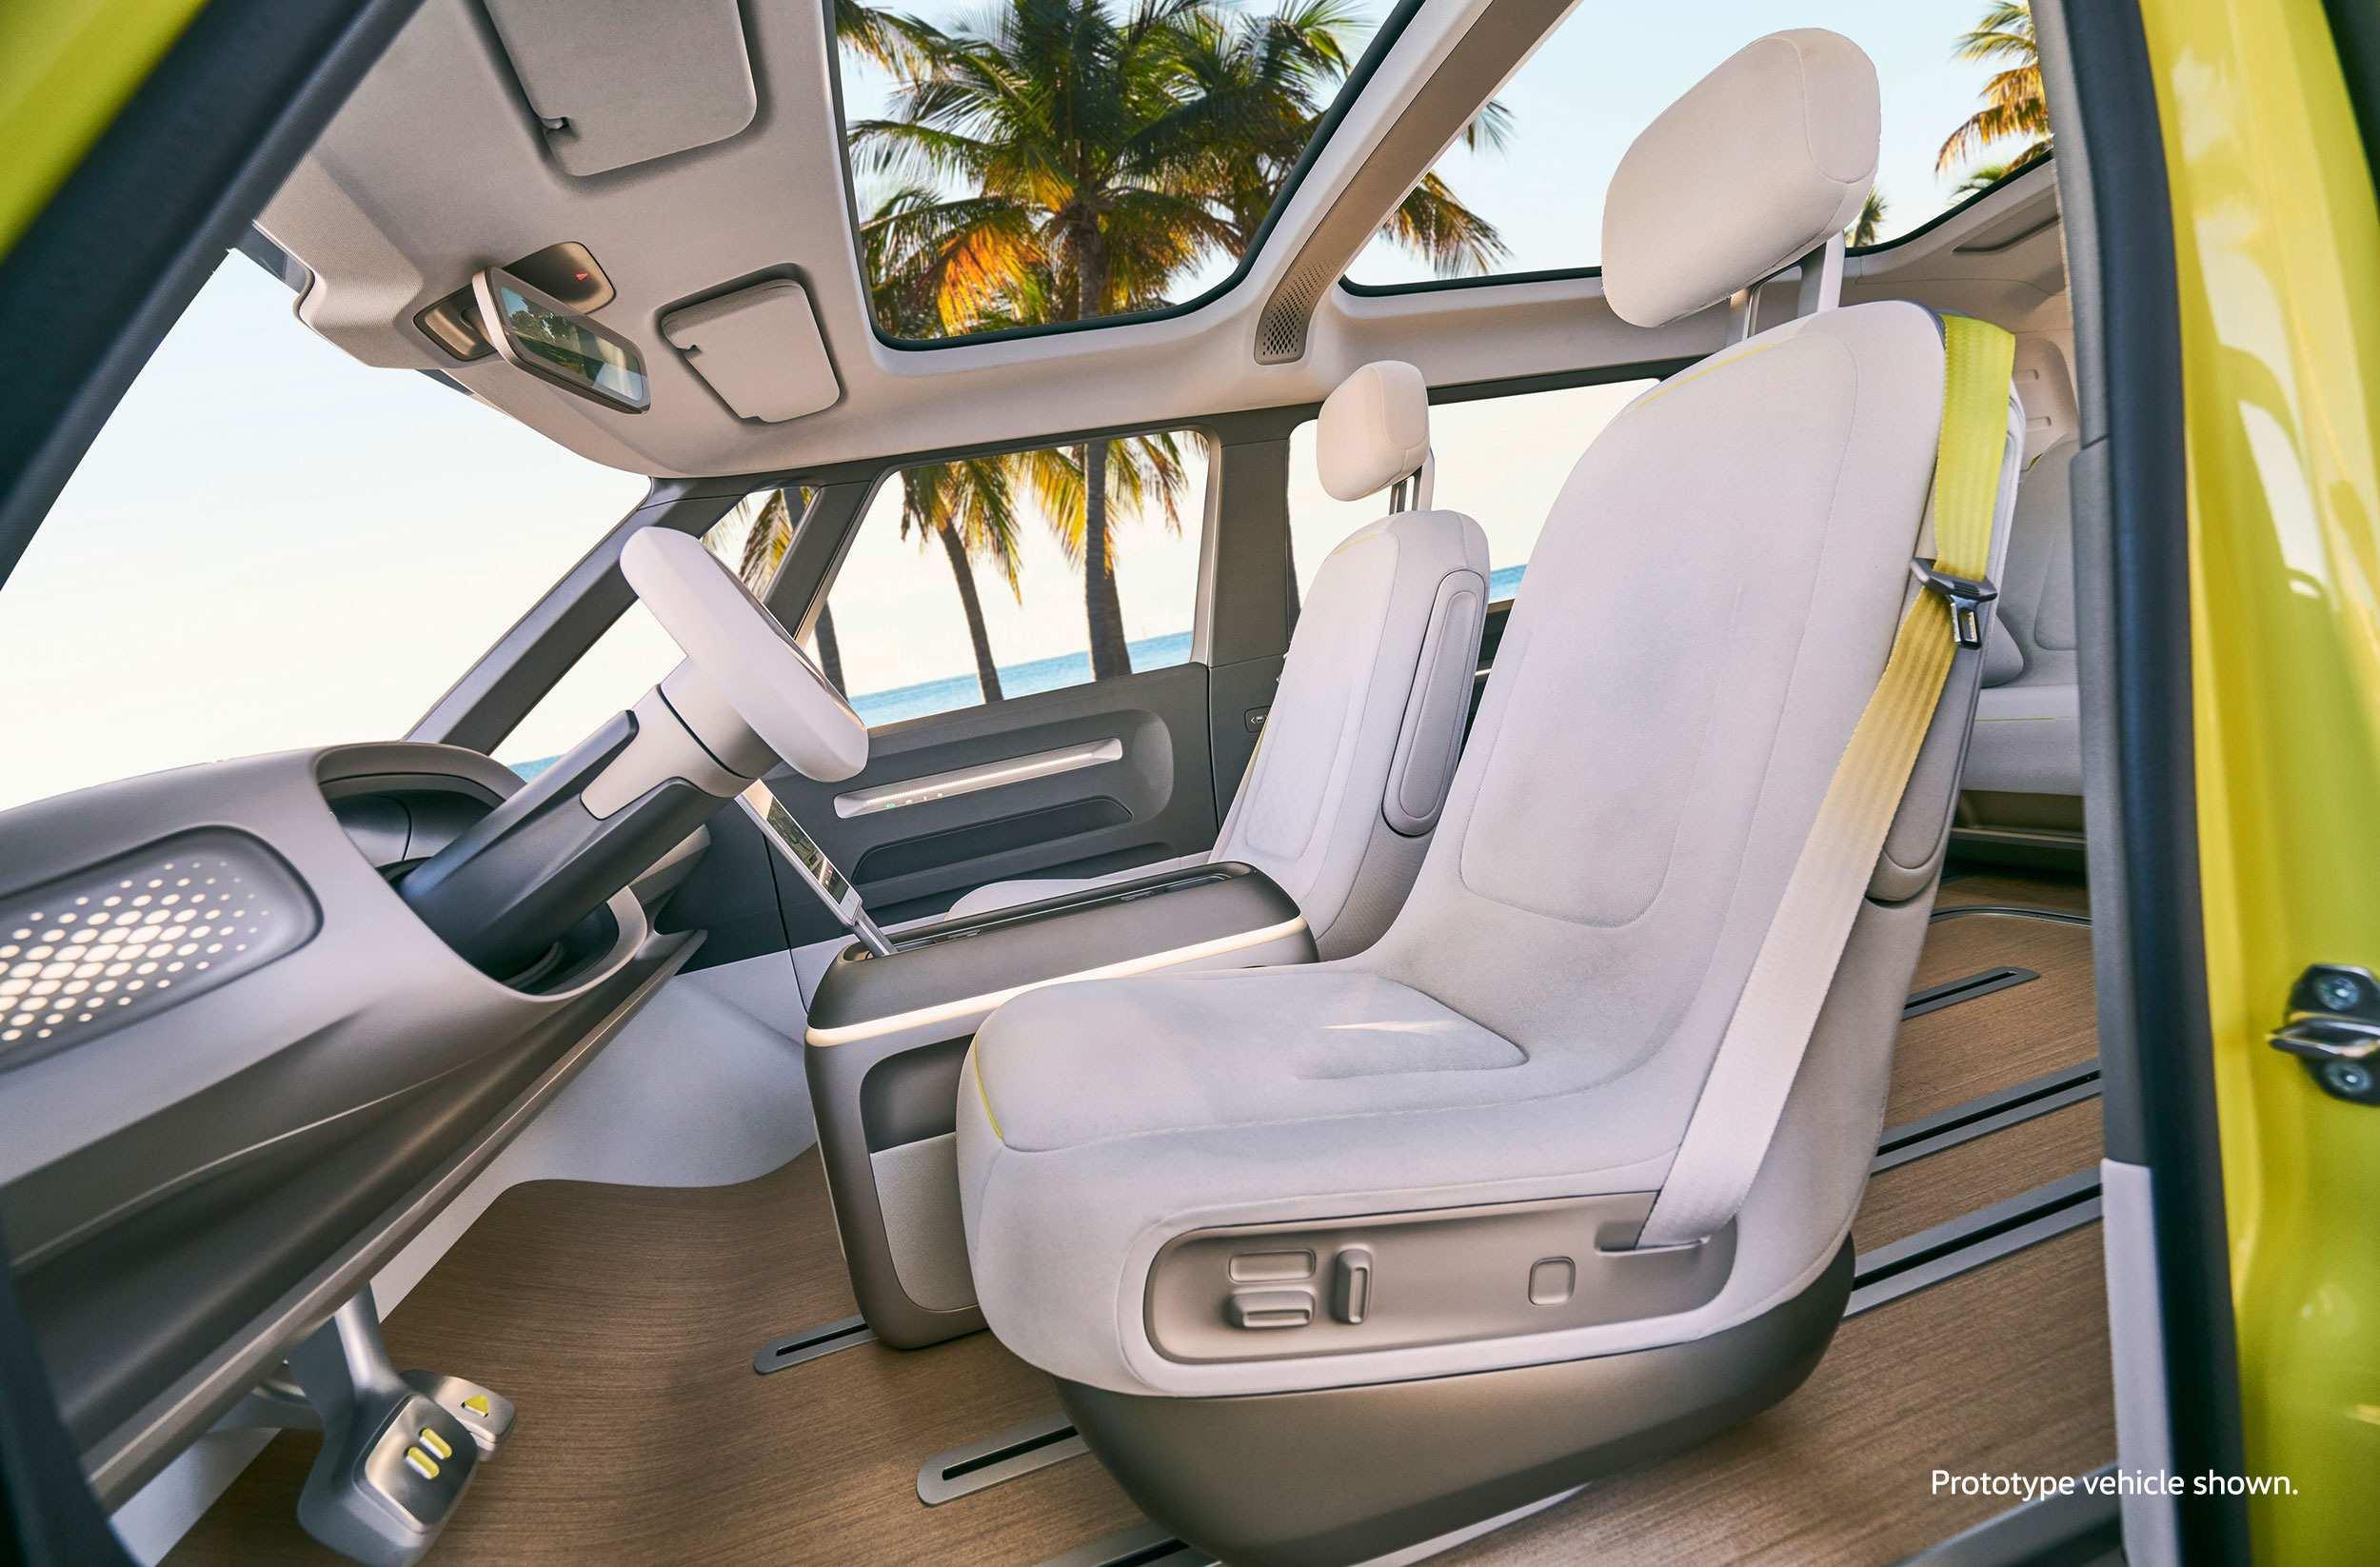 80 New 2020 Volkswagen Bus Price Photos by 2020 Volkswagen Bus Price